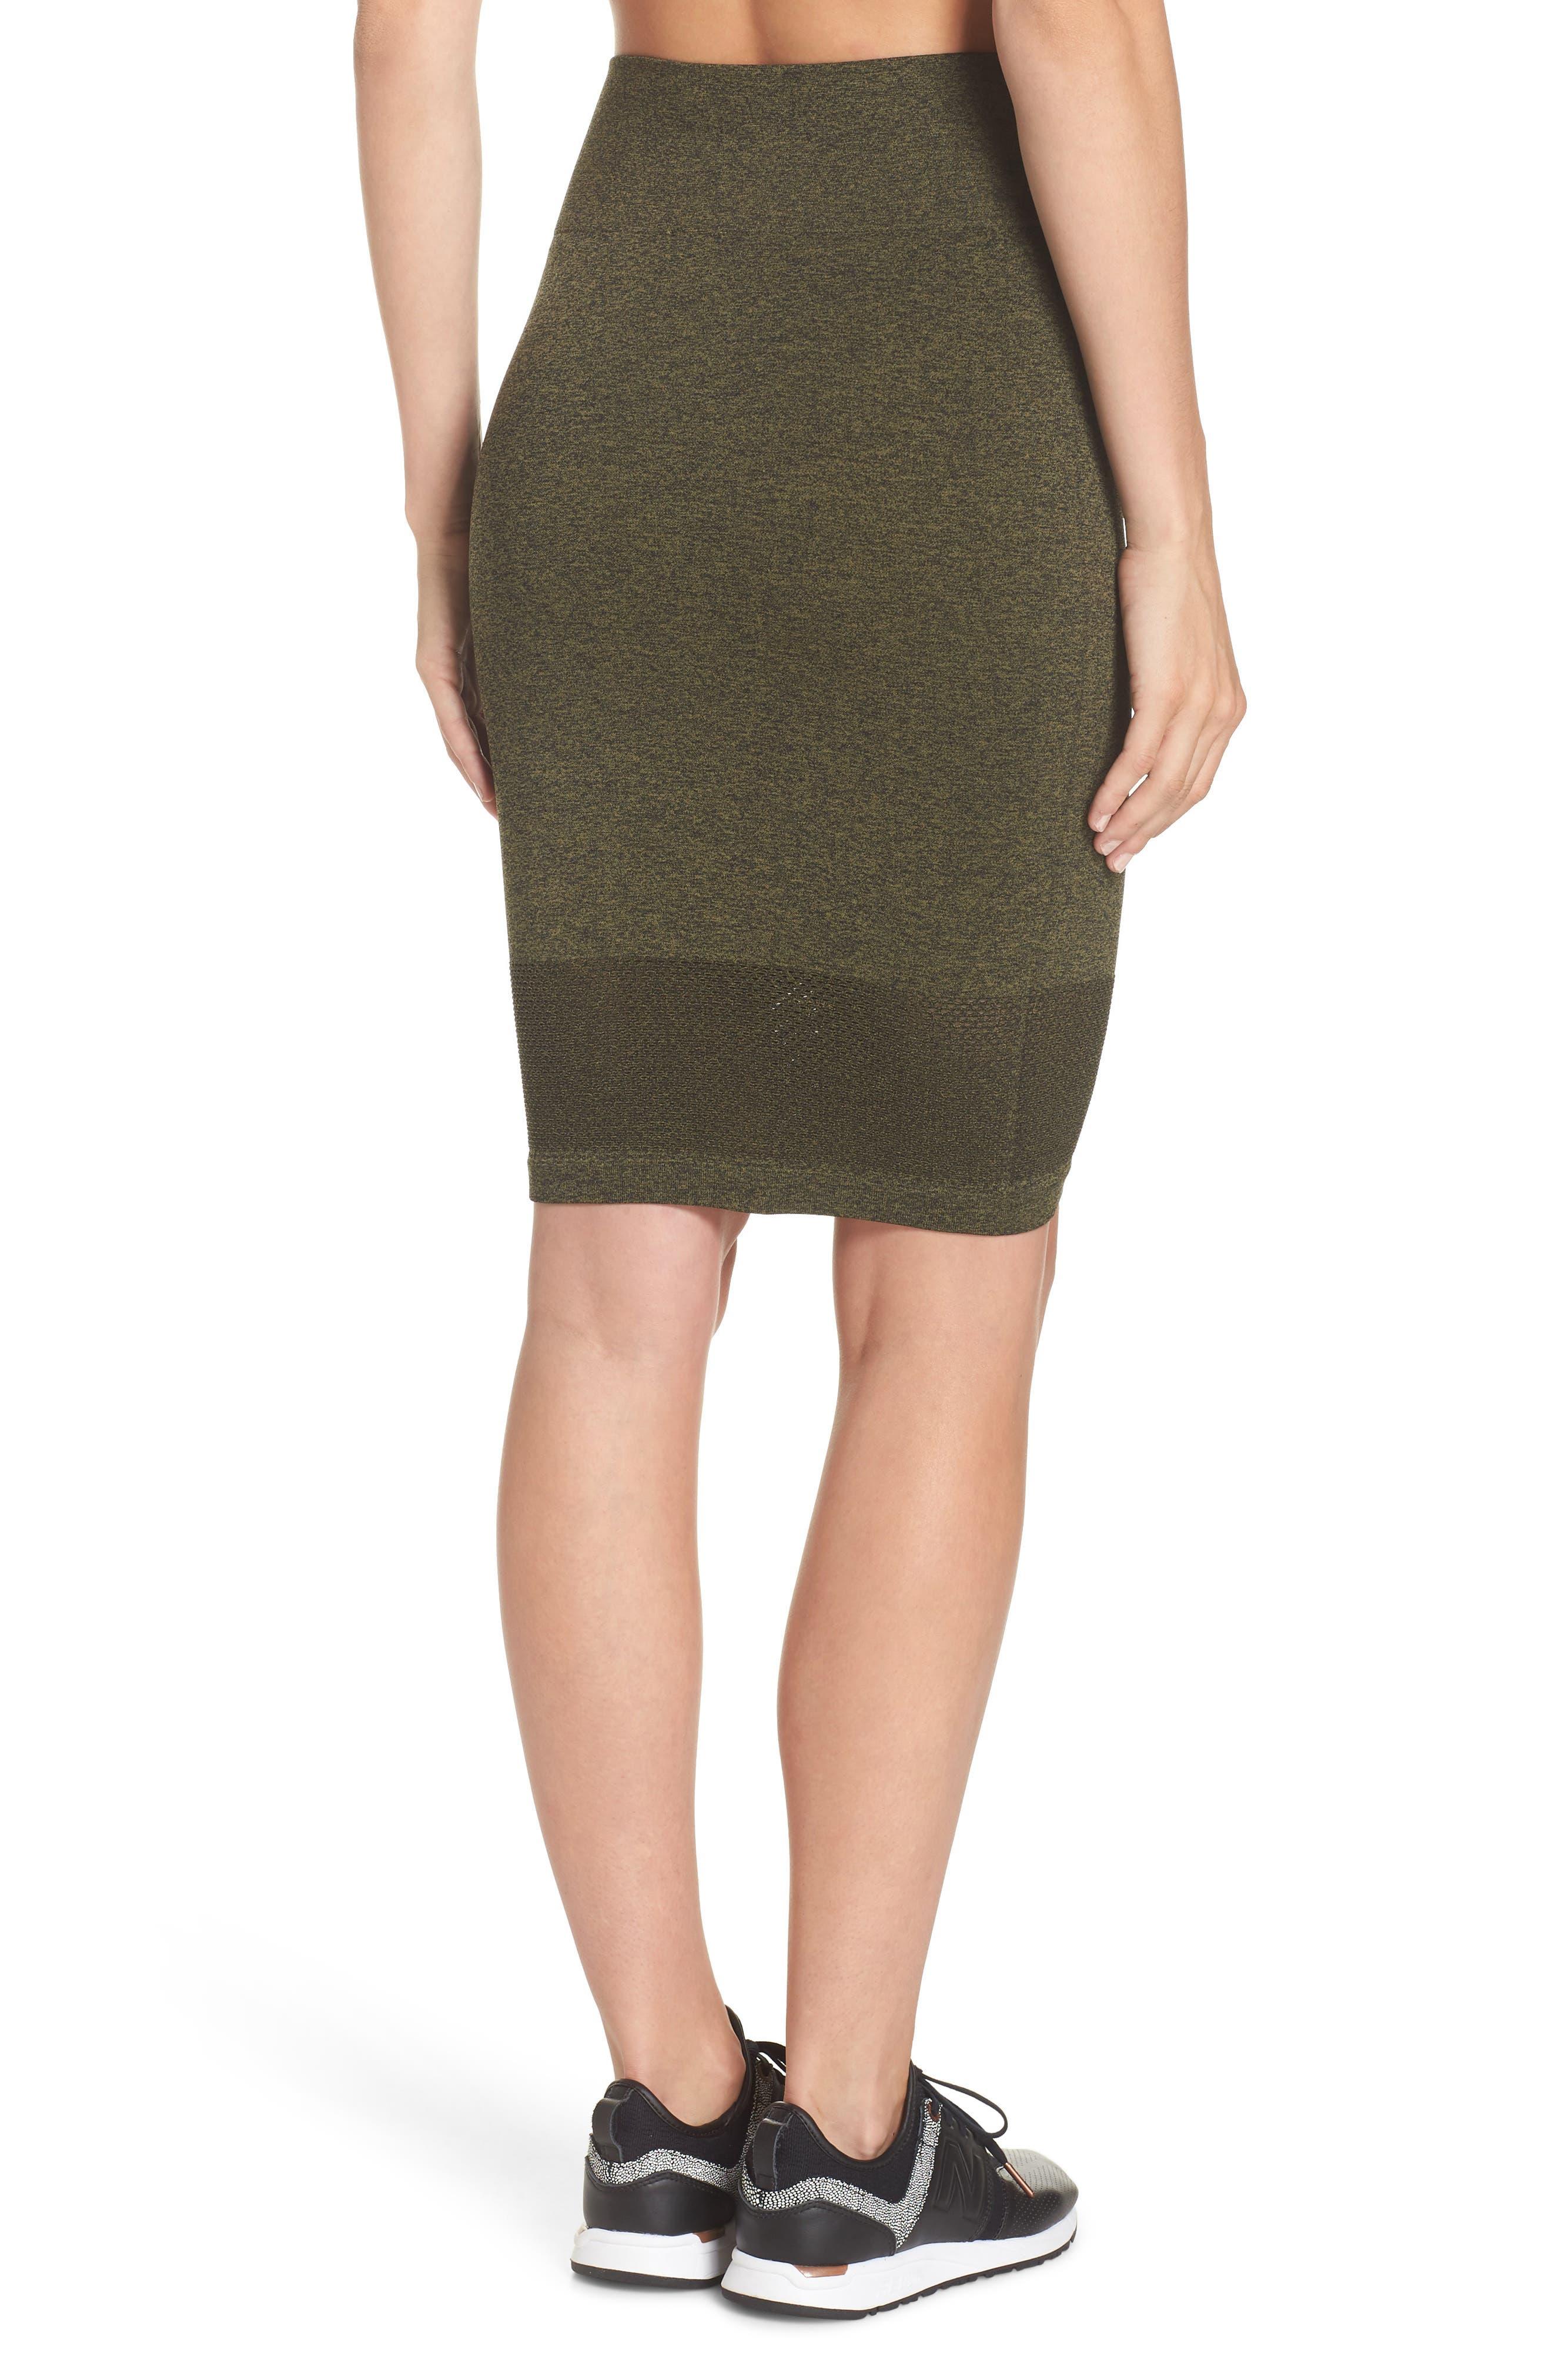 Aura Seamless Skirt,                             Alternate thumbnail 2, color,                             Deep Lichen Green/ Black